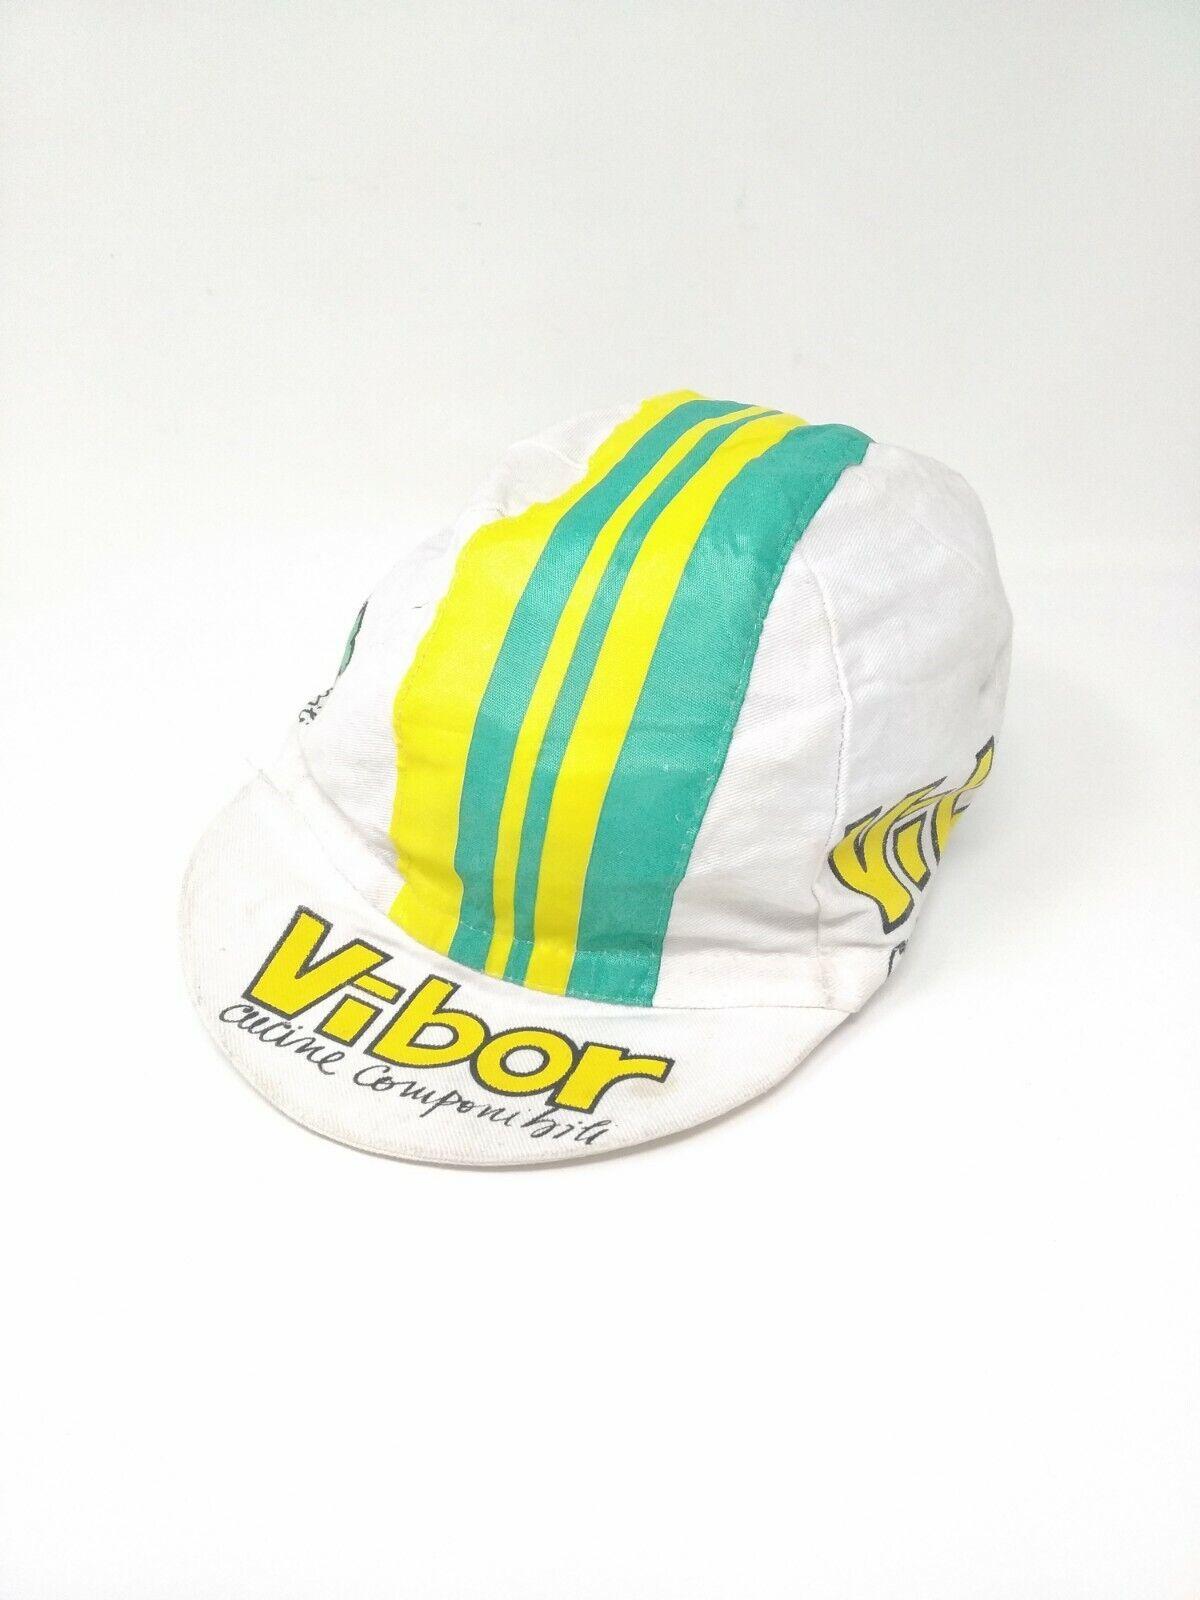 Sombrero retro, sombrero de bici, original.